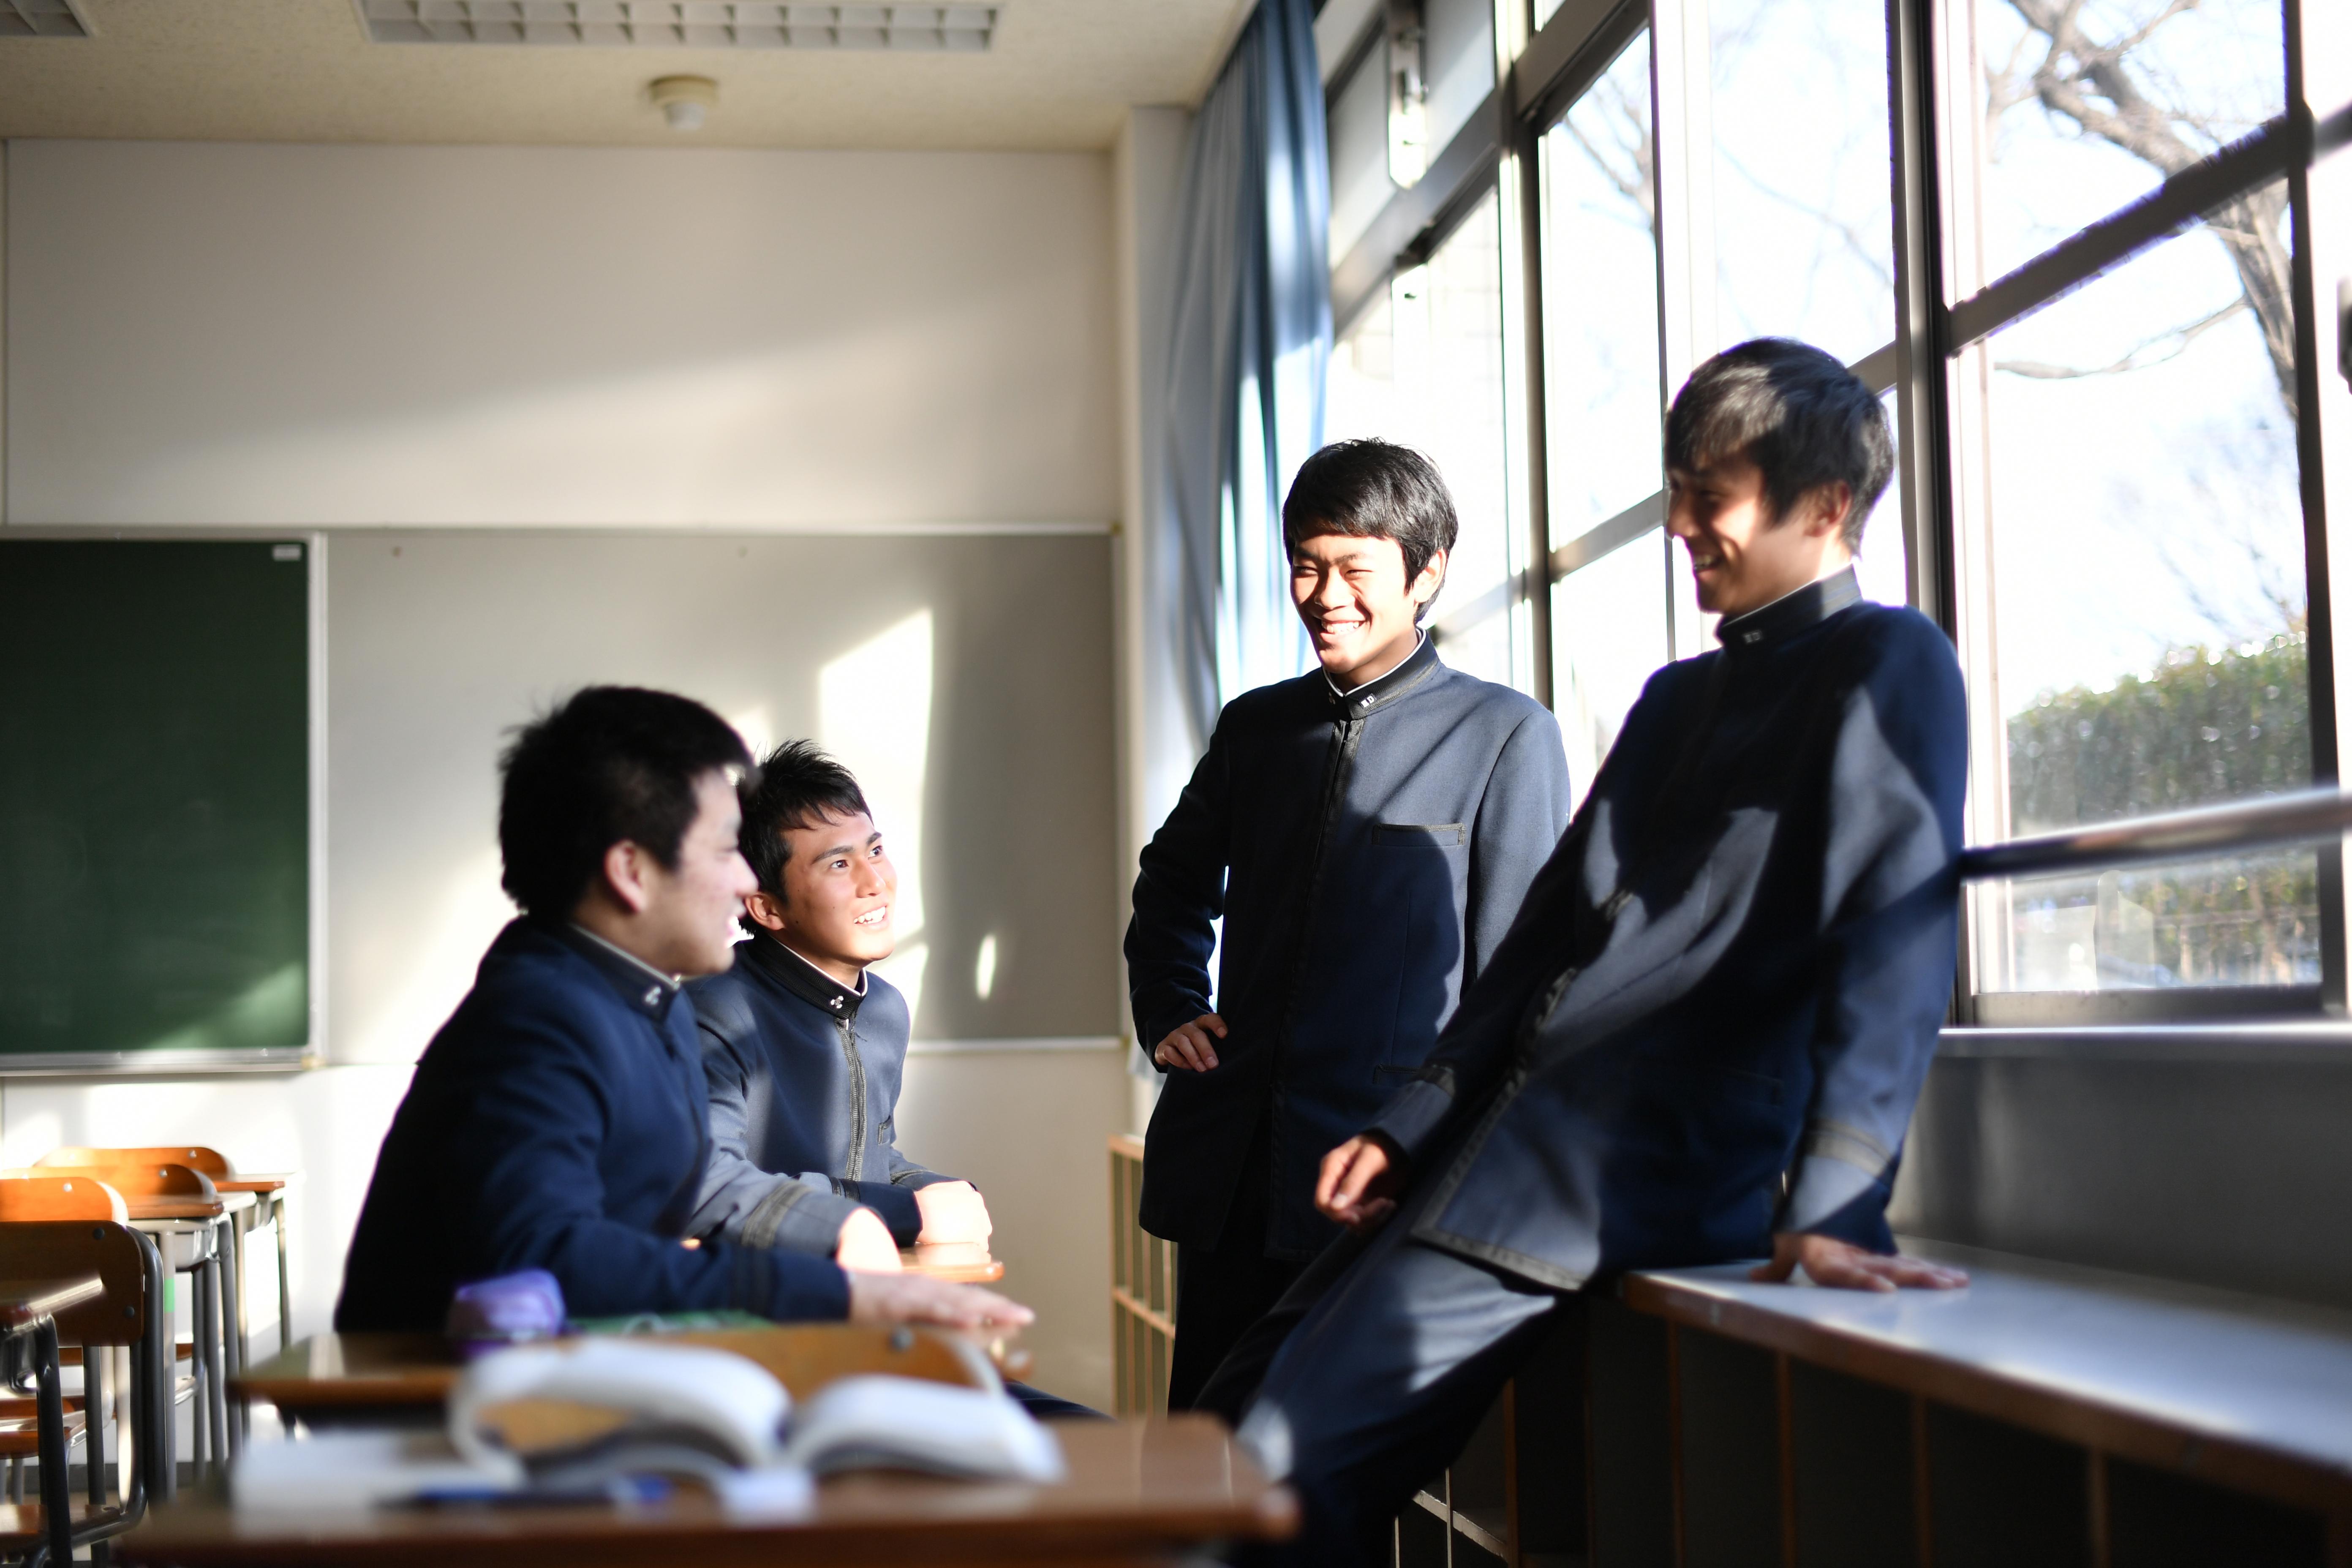 昼休み暖かい日差しが差し込む窓際で雑談している生徒達